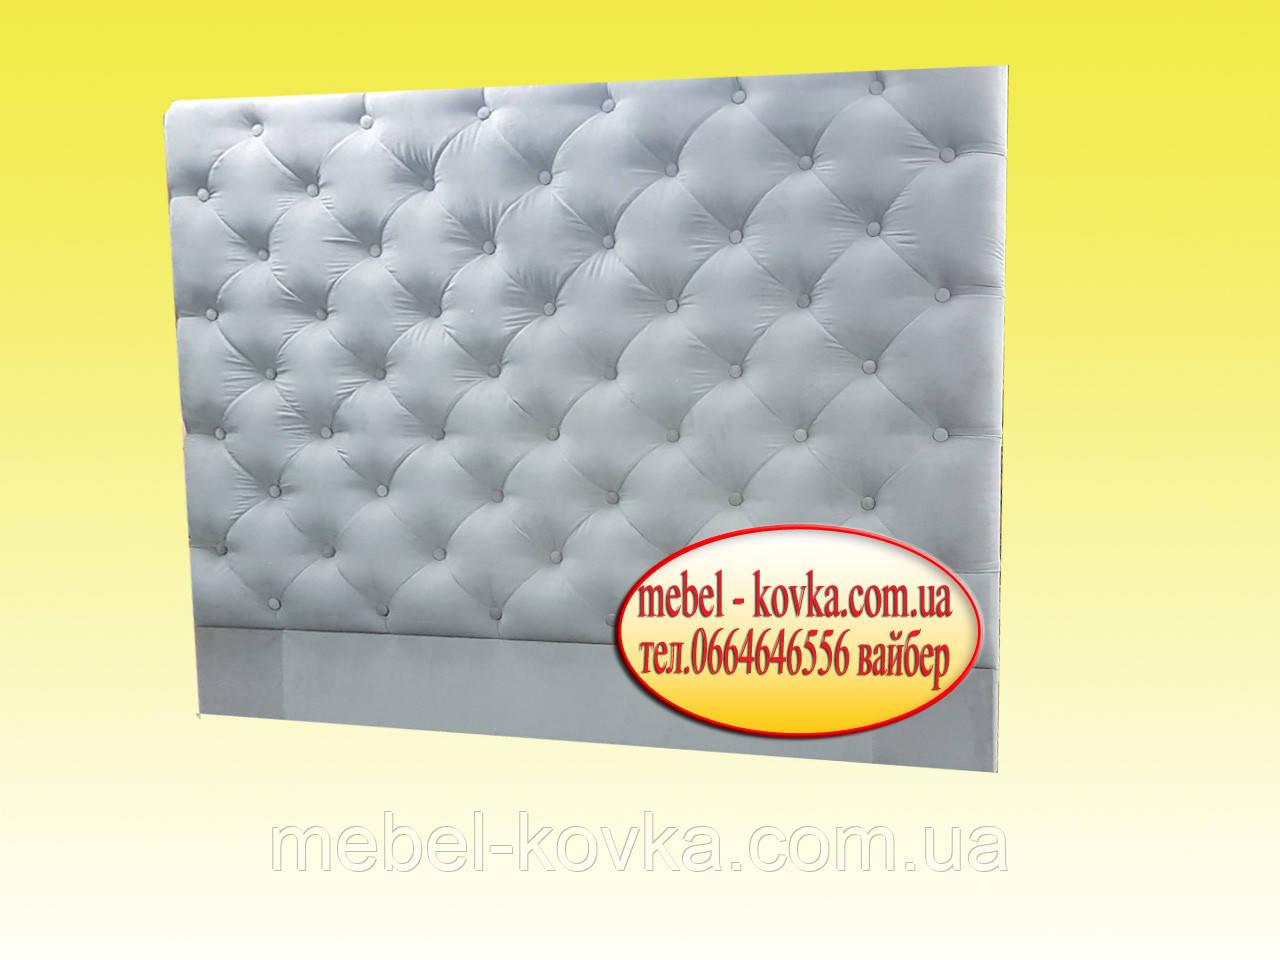 Мягкие стеновые панели на заказ  с пуговицами из велюра Лира